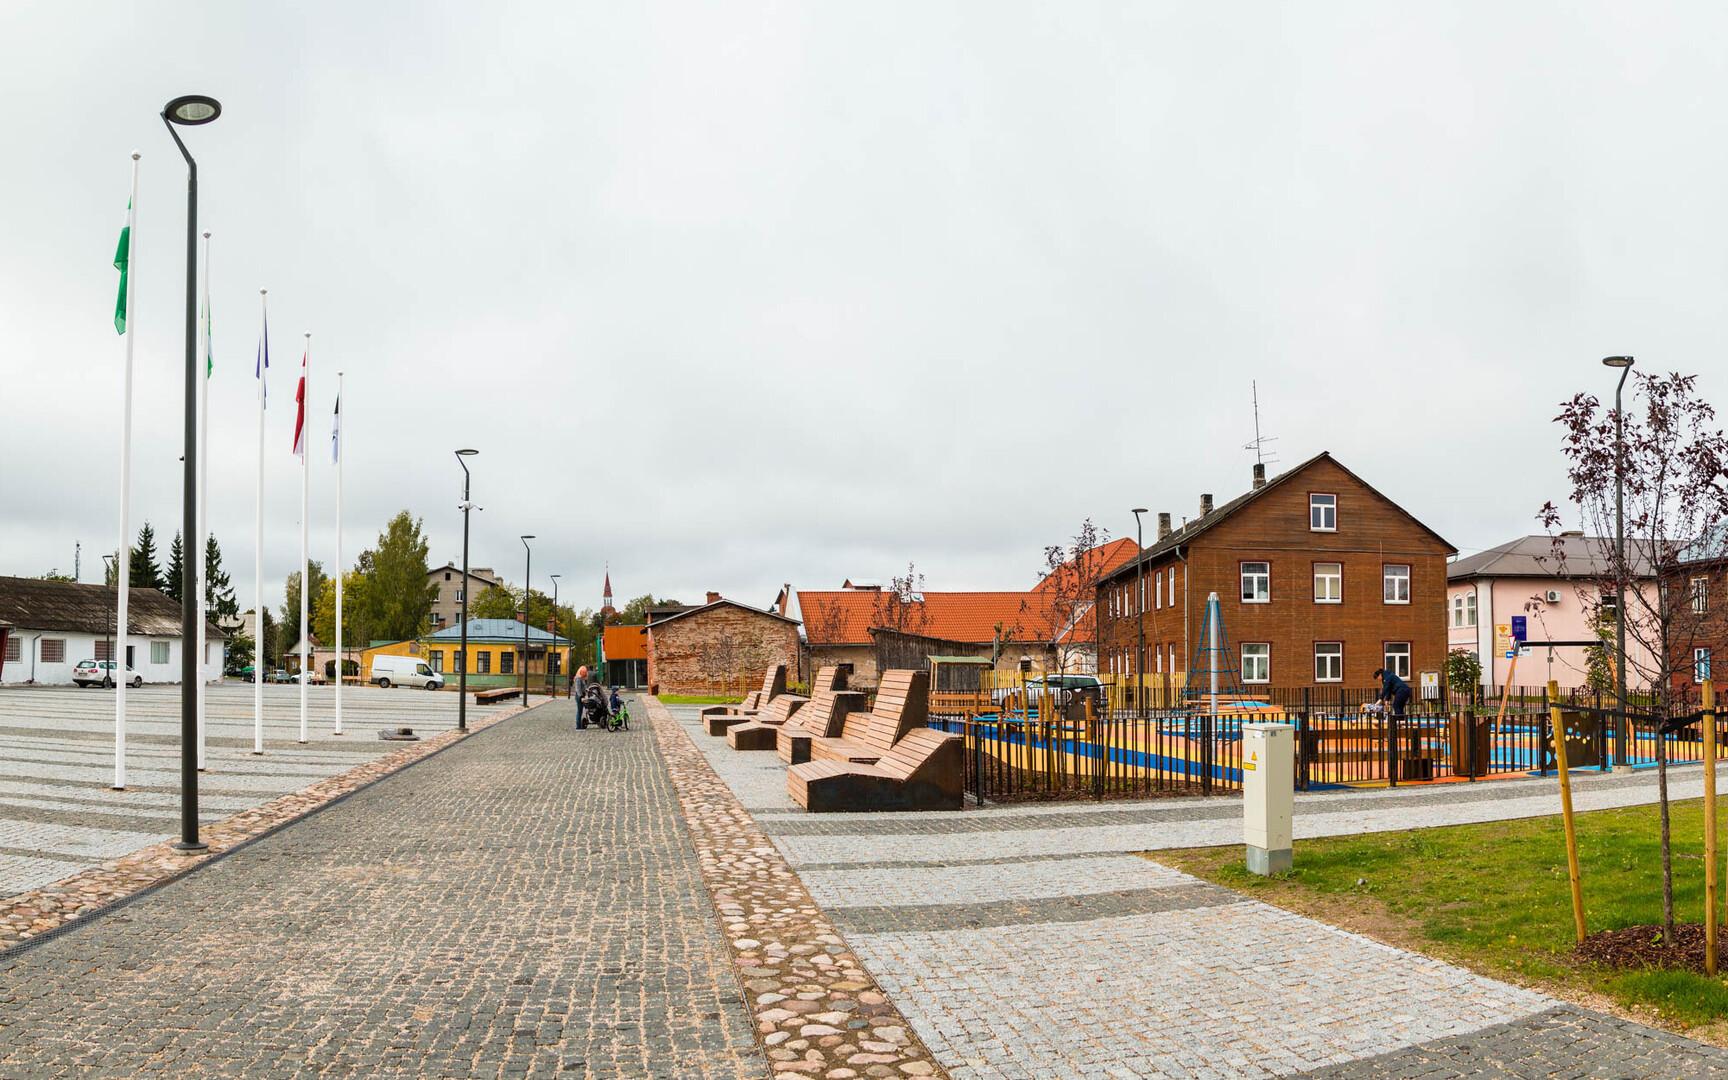 4324340770d Pildil Eesti 100. aastapäevaks valminud Valga keskväljak. Autor/allikas:  Arvo Meeks / Lõuna-Eesti Postimees / Scanpix